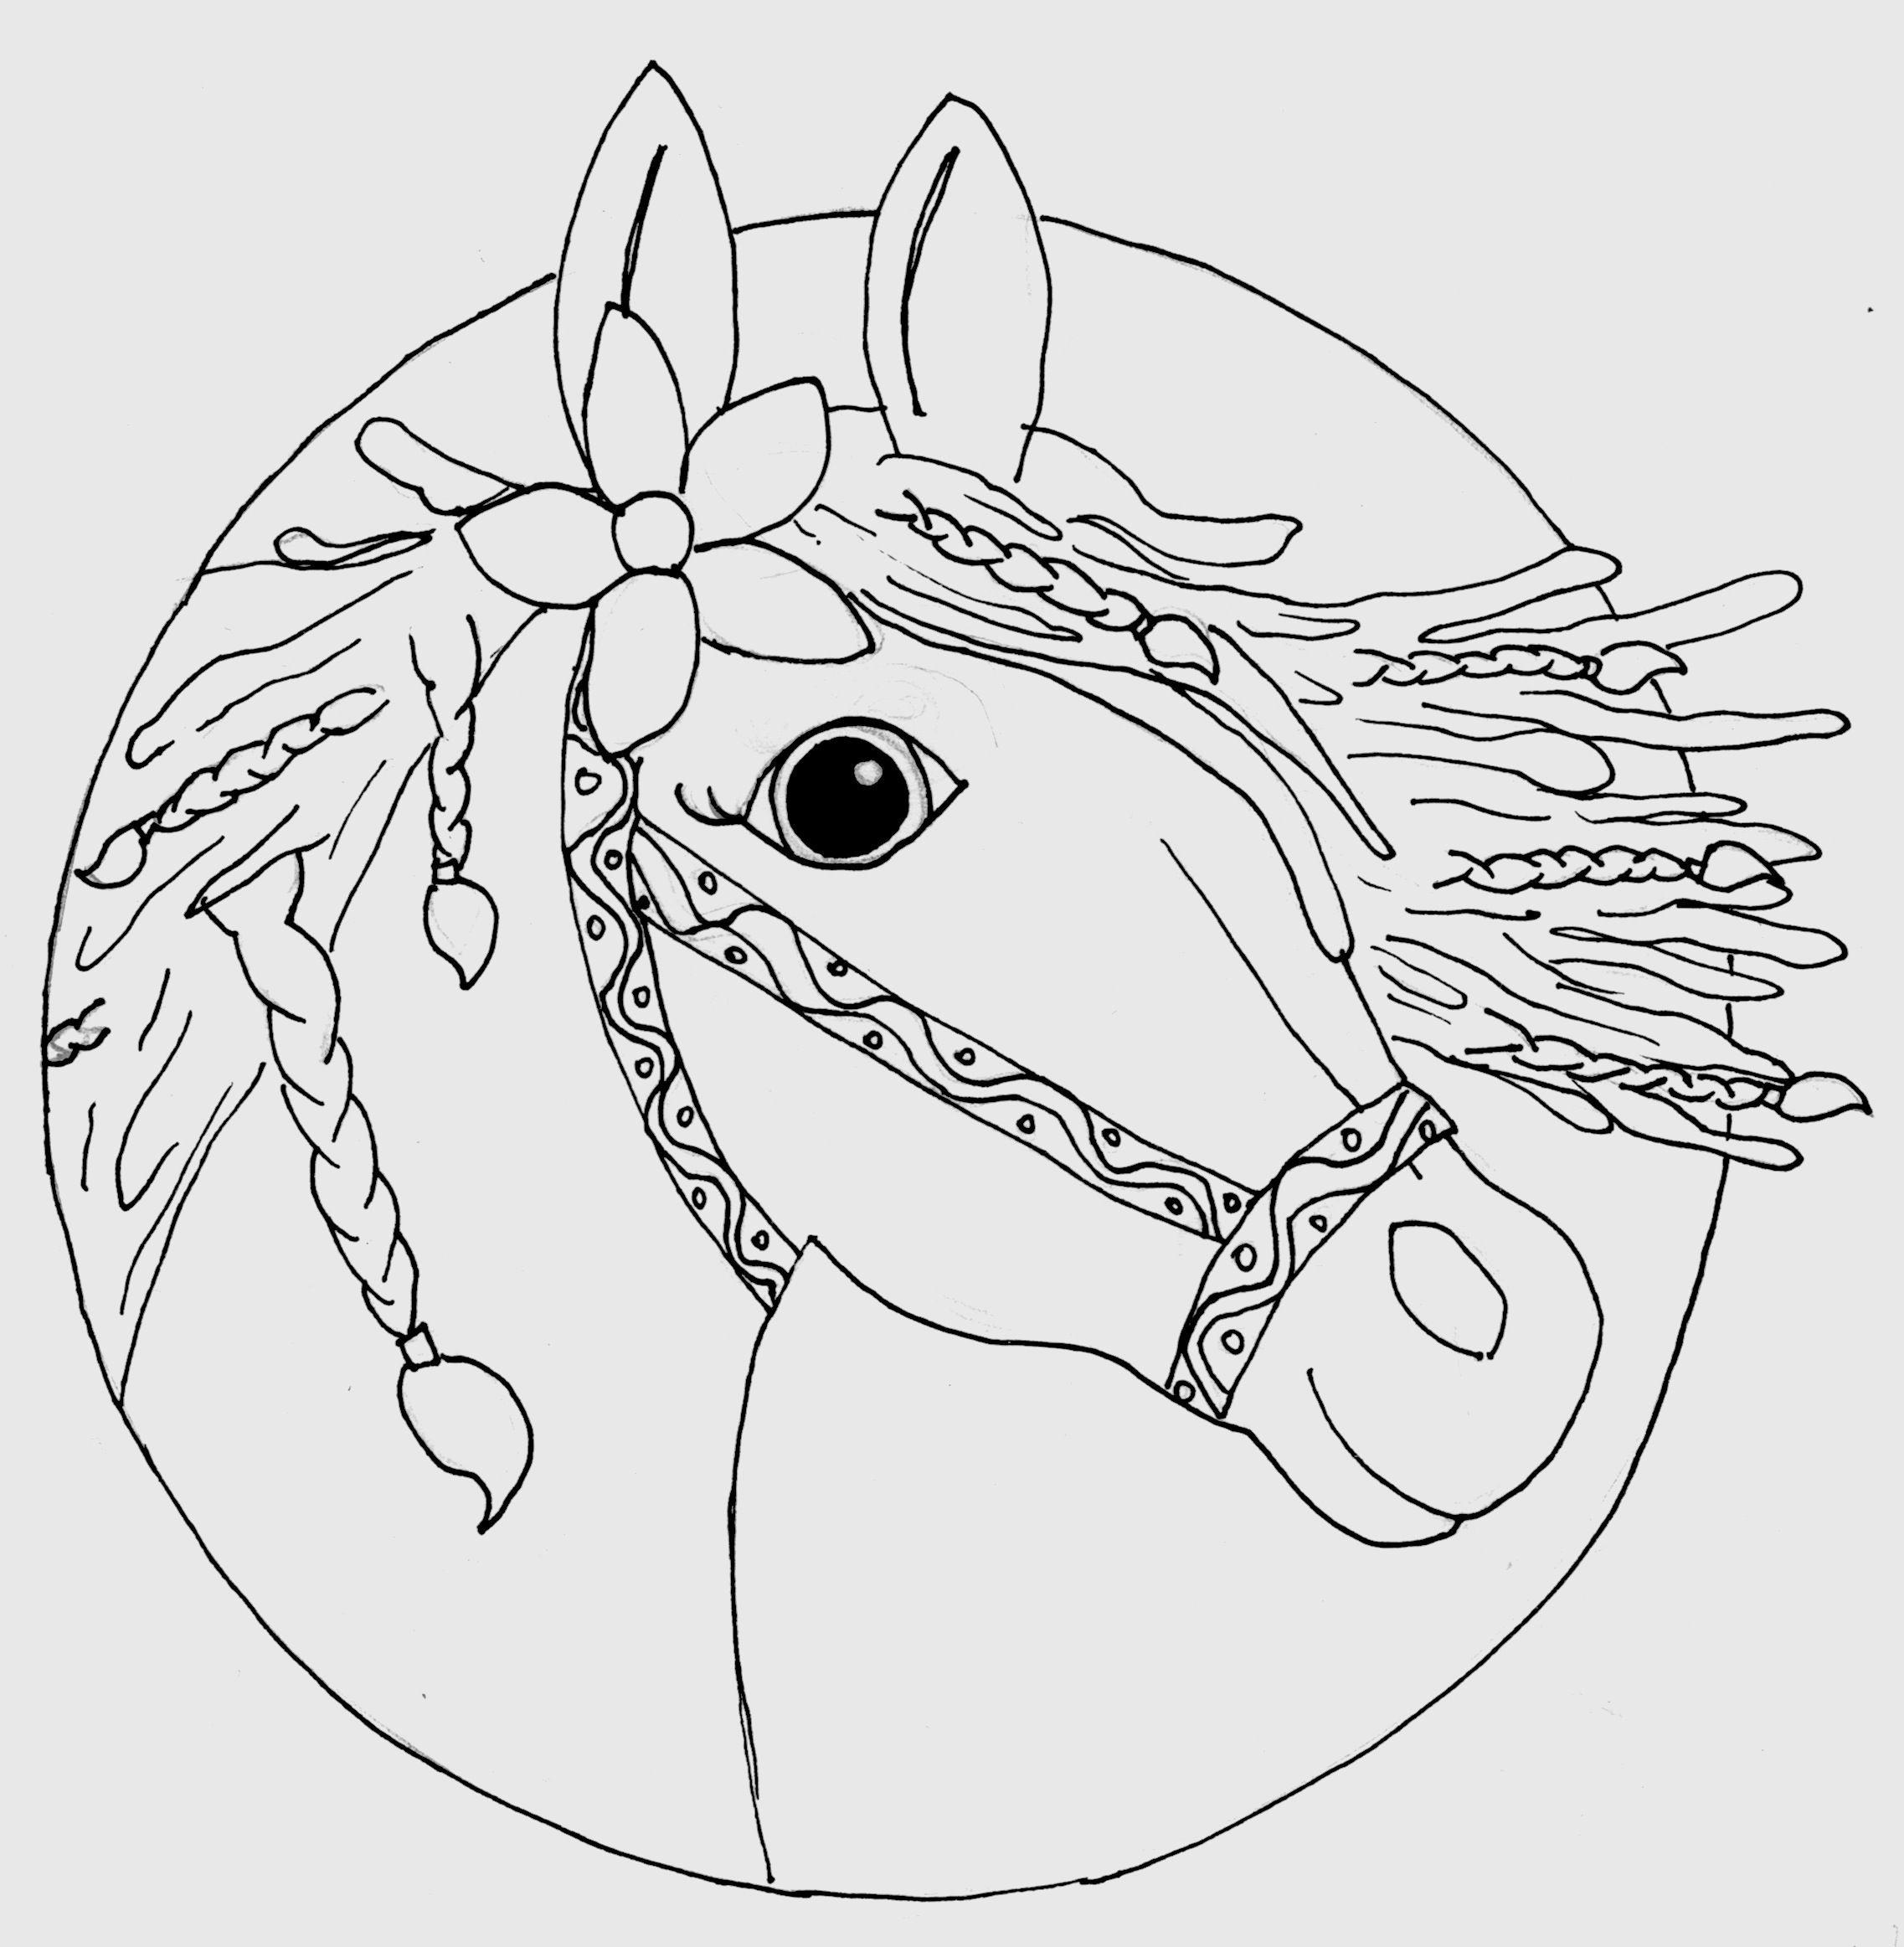 Ausmalbilder Pferdekopf  Ausmalbilder Rapunzel Pferd – Ausmalbilder Webpage